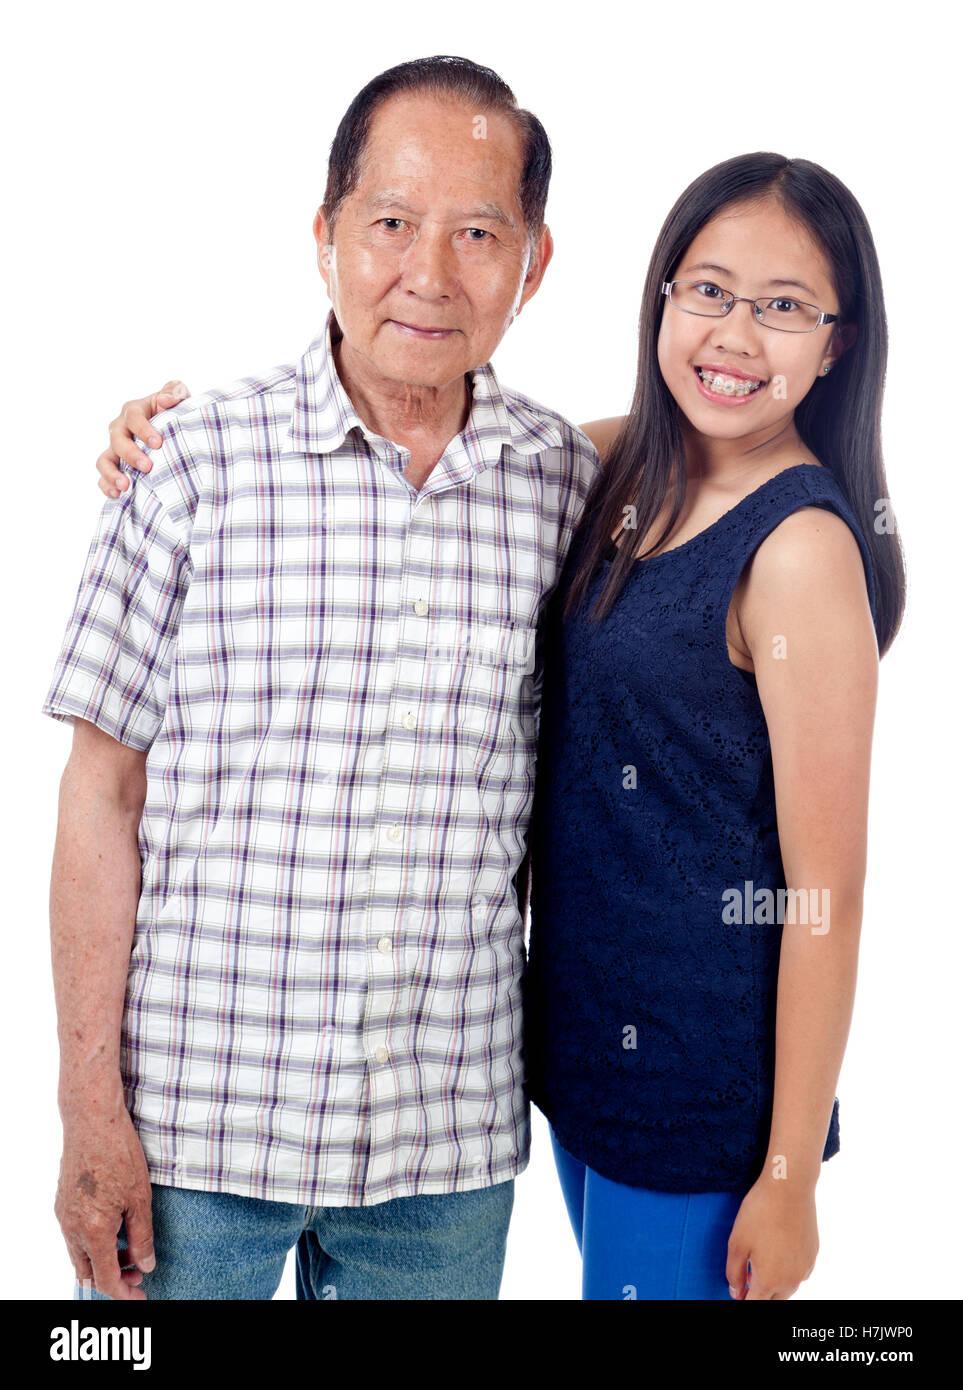 Grand-père avec happy teen petite-fille, isolé sur blanc. Photo Stock